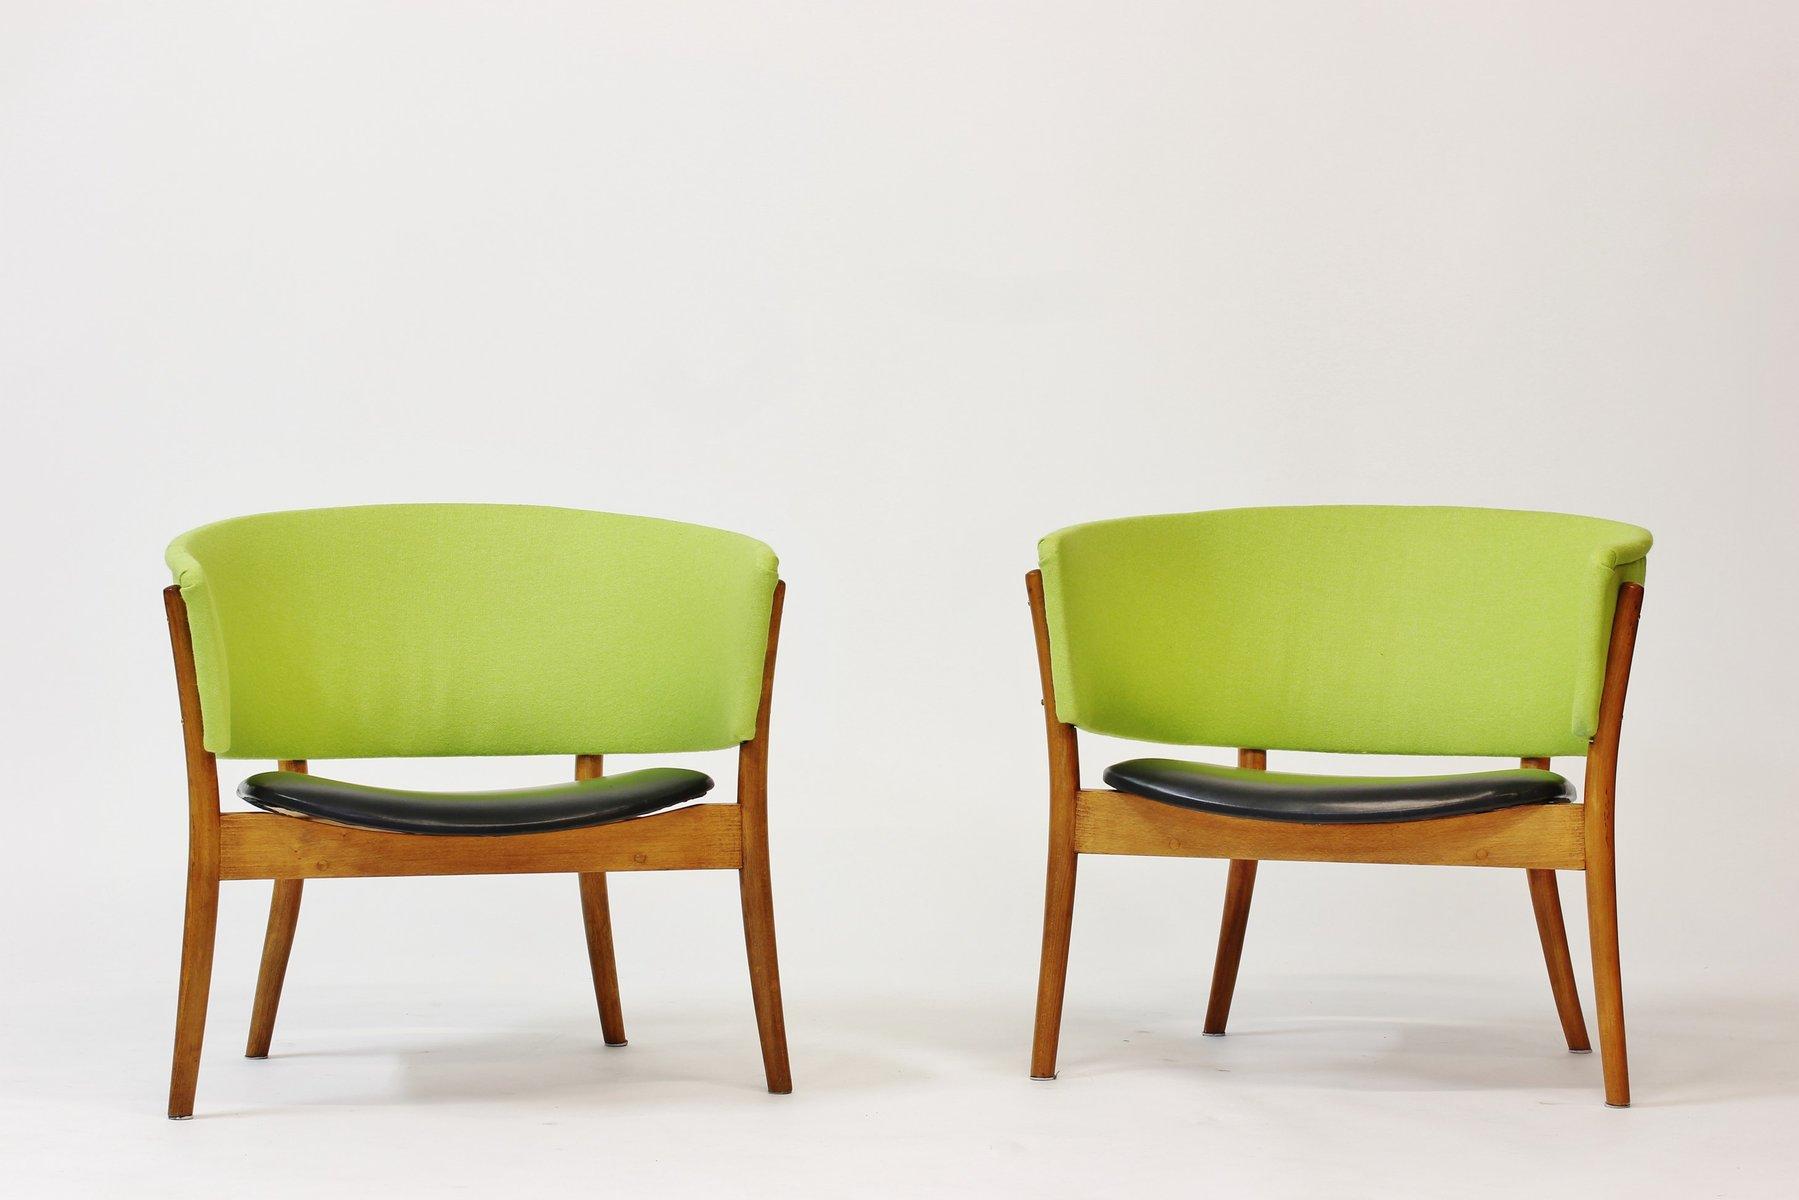 Vintage Stühle vintage stühle nanna ditzel für søren wiladsen 2er set bei